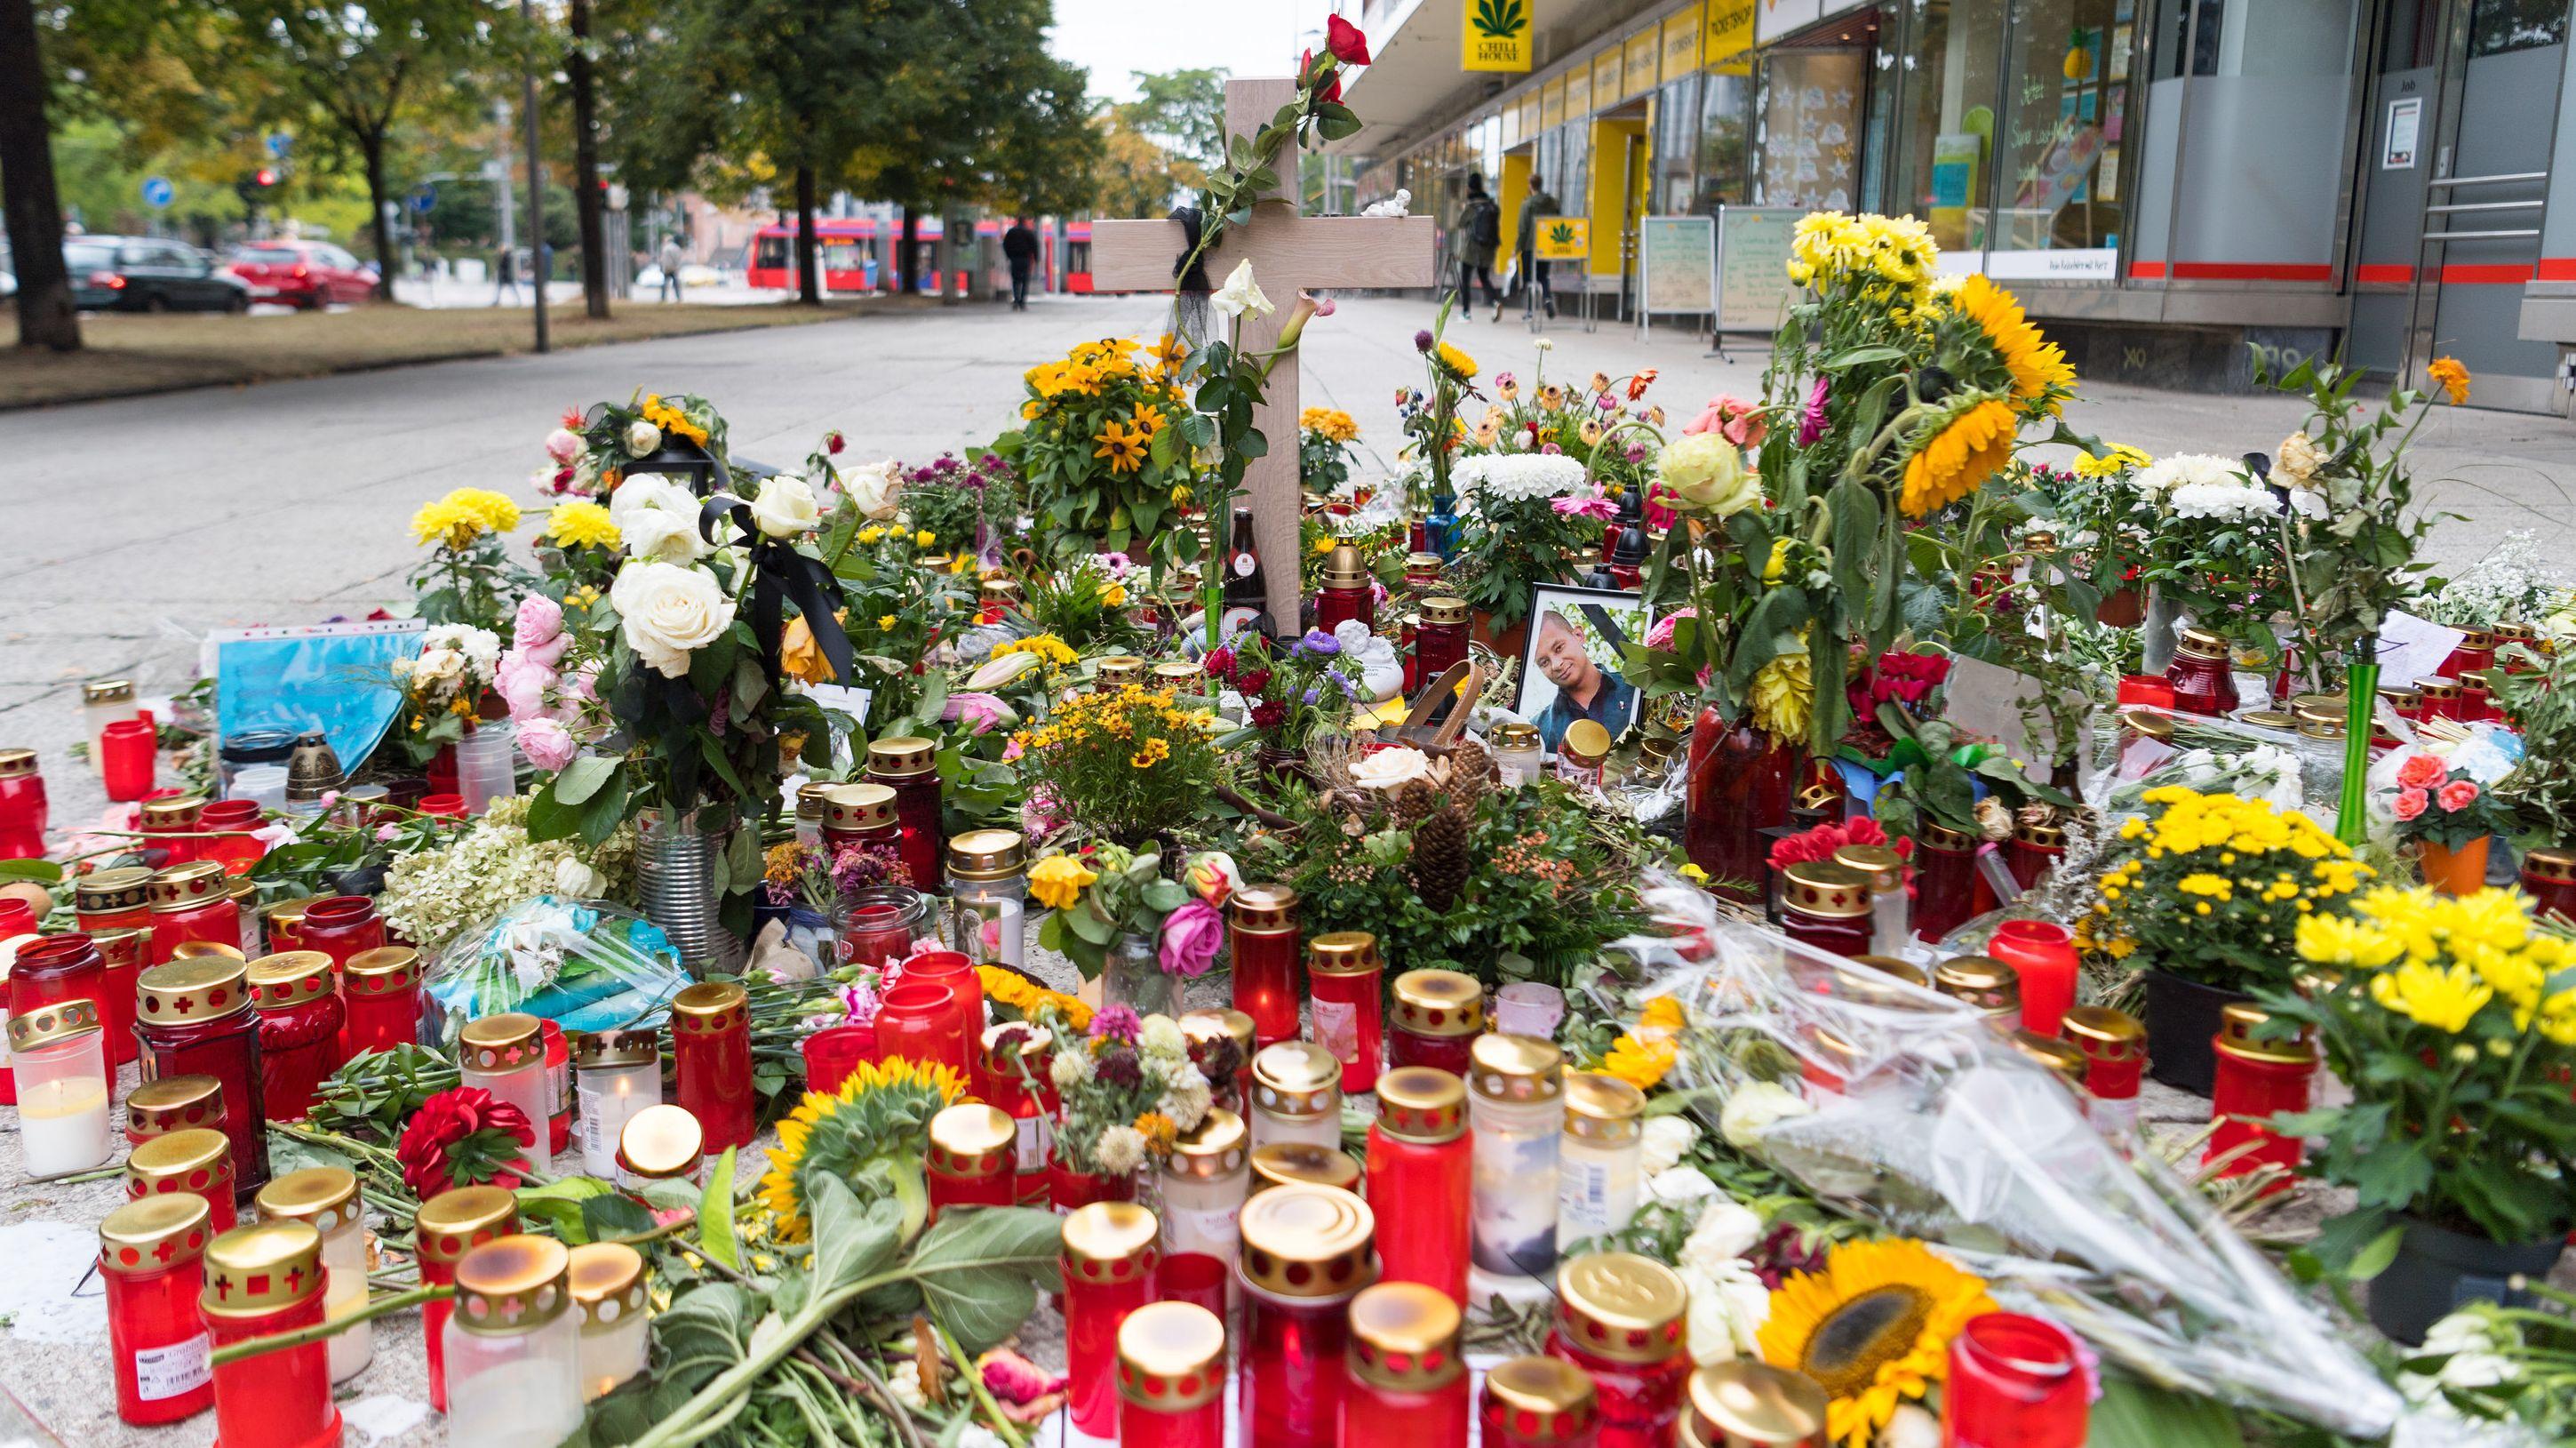 Haben Rechtsextreme in Chemnitz Menschen gejagt? Ein sächsischer LKA-Bericht spricht dazu nun eine recht eindeutige Sprache.